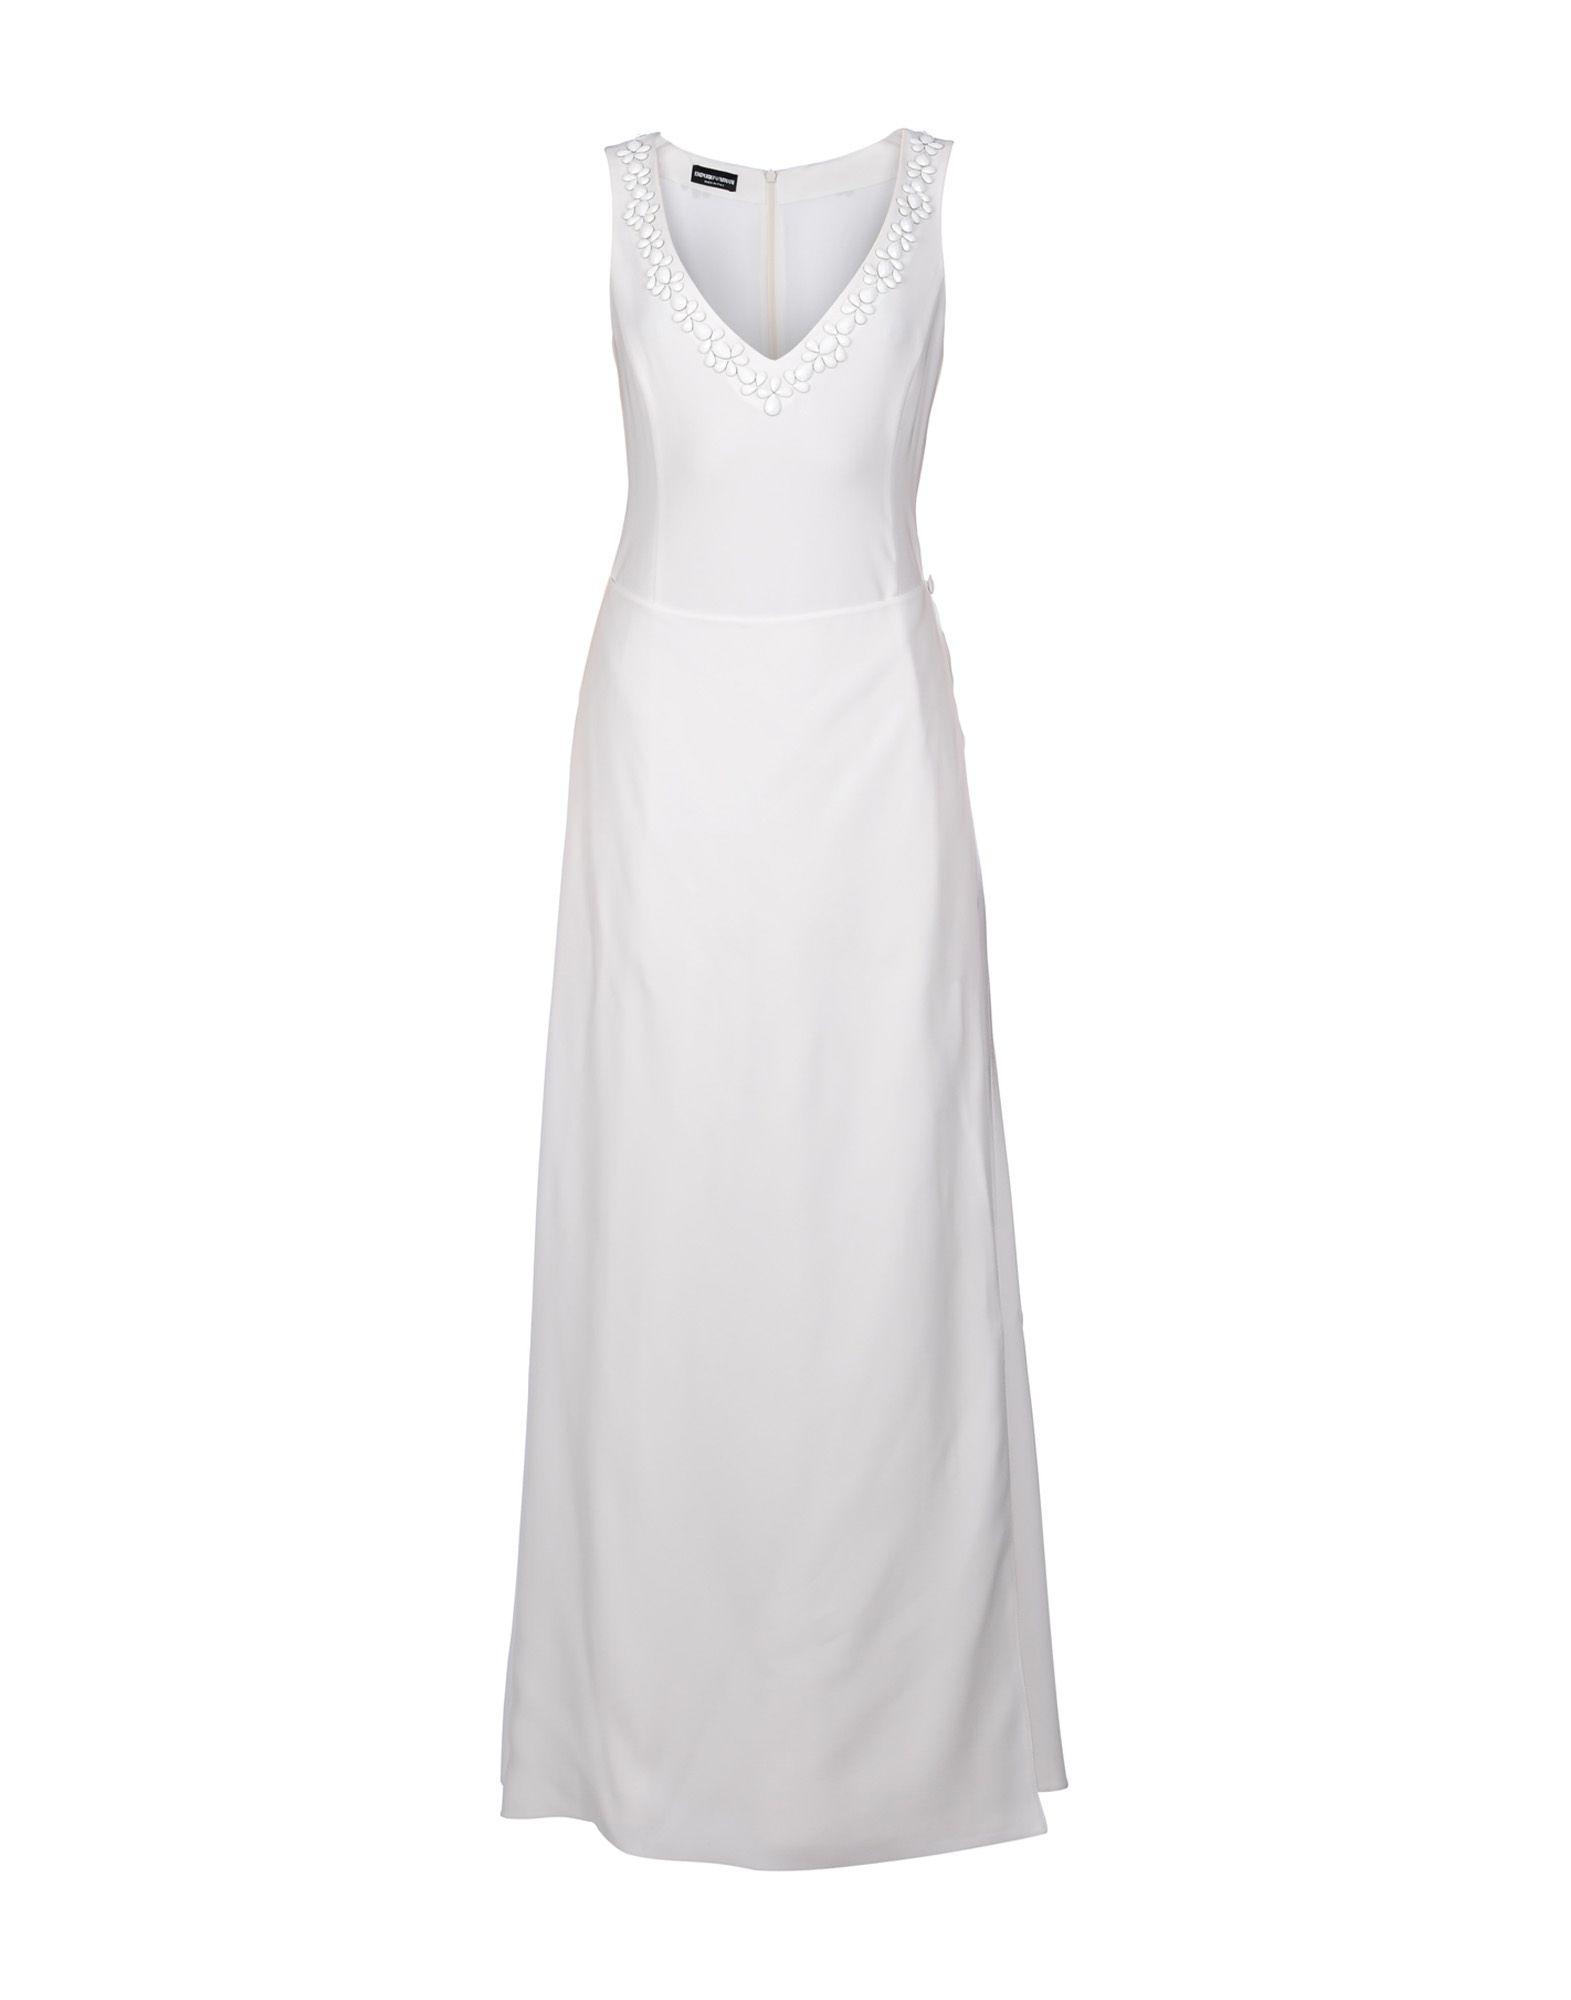 EMPORIO ARMANI Длинное платье платье короткое спереди длинное сзади летнее